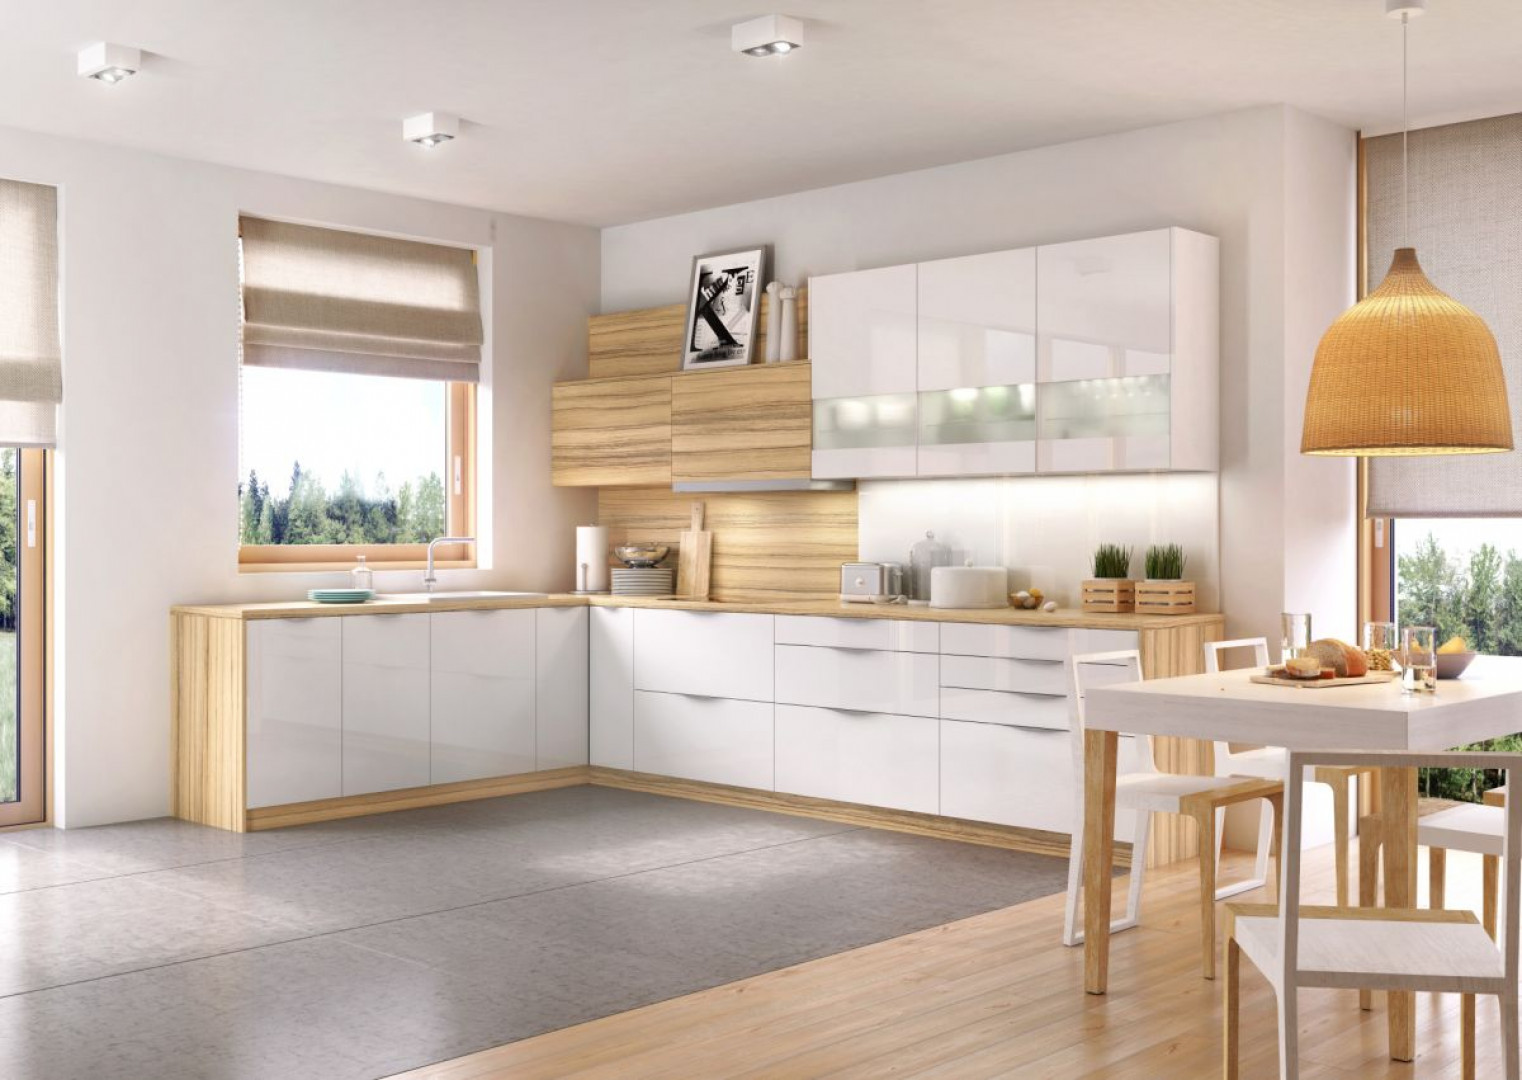 Czy połyskujące bielą fronty nie będą zbyt awangardowe w kuchni, która ma zadawać szyku, ale zachować również ponadczasowy charakter? Nie, jeżeli połączymy ją z dużą ilością drewna, które w takim zestawieniu odgrywa niezwykle istotną rolę - ociepla wizerunek kuchni i sprawia, ze jest ona elegancka. Fot. Kam